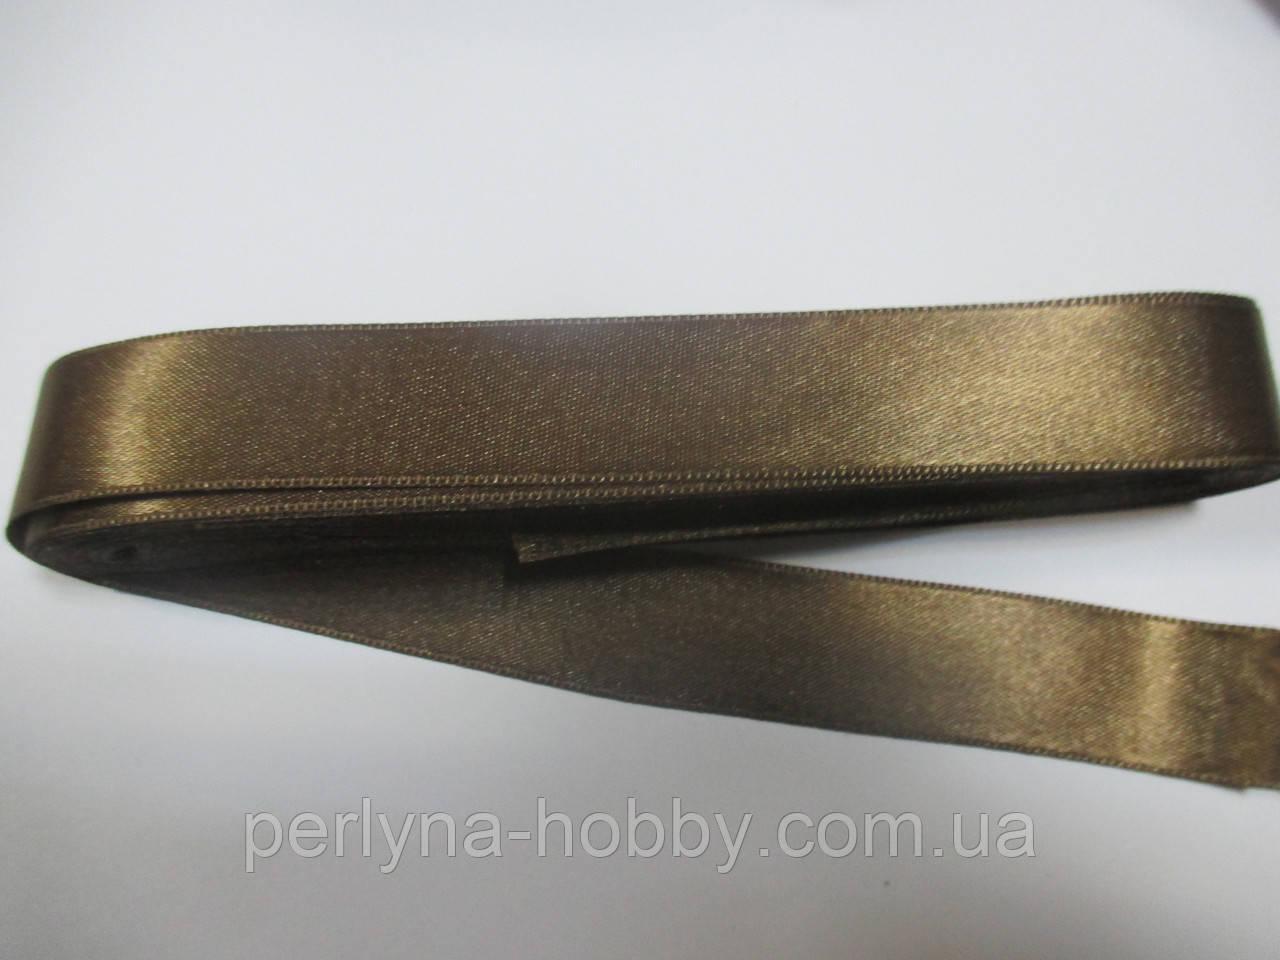 Стрічка атласна  двостороння 2 см ( 10 метрів),   світло-коричневий з  золотистим відтінком